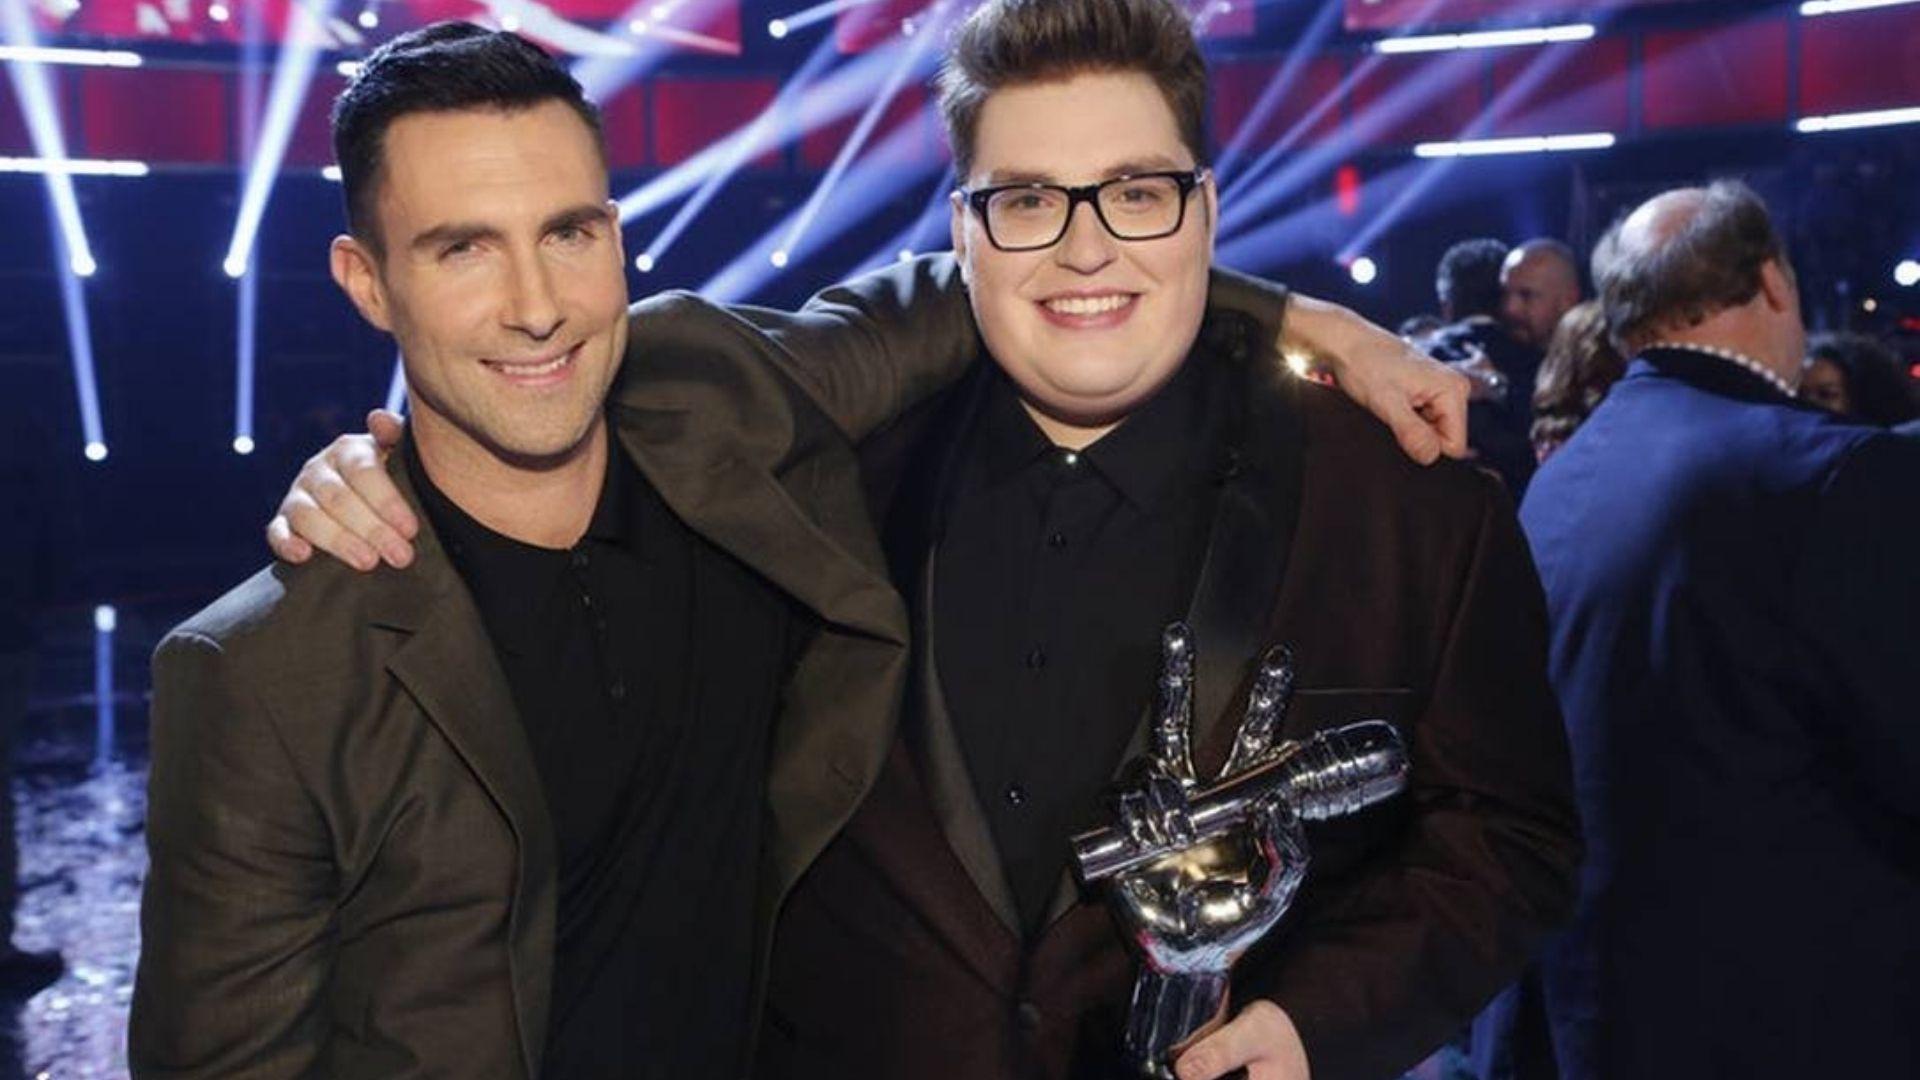 """Vencedor do The Voice EUA quer usar talento para Deus: """"Vou dar a glória de volta a Ele"""""""